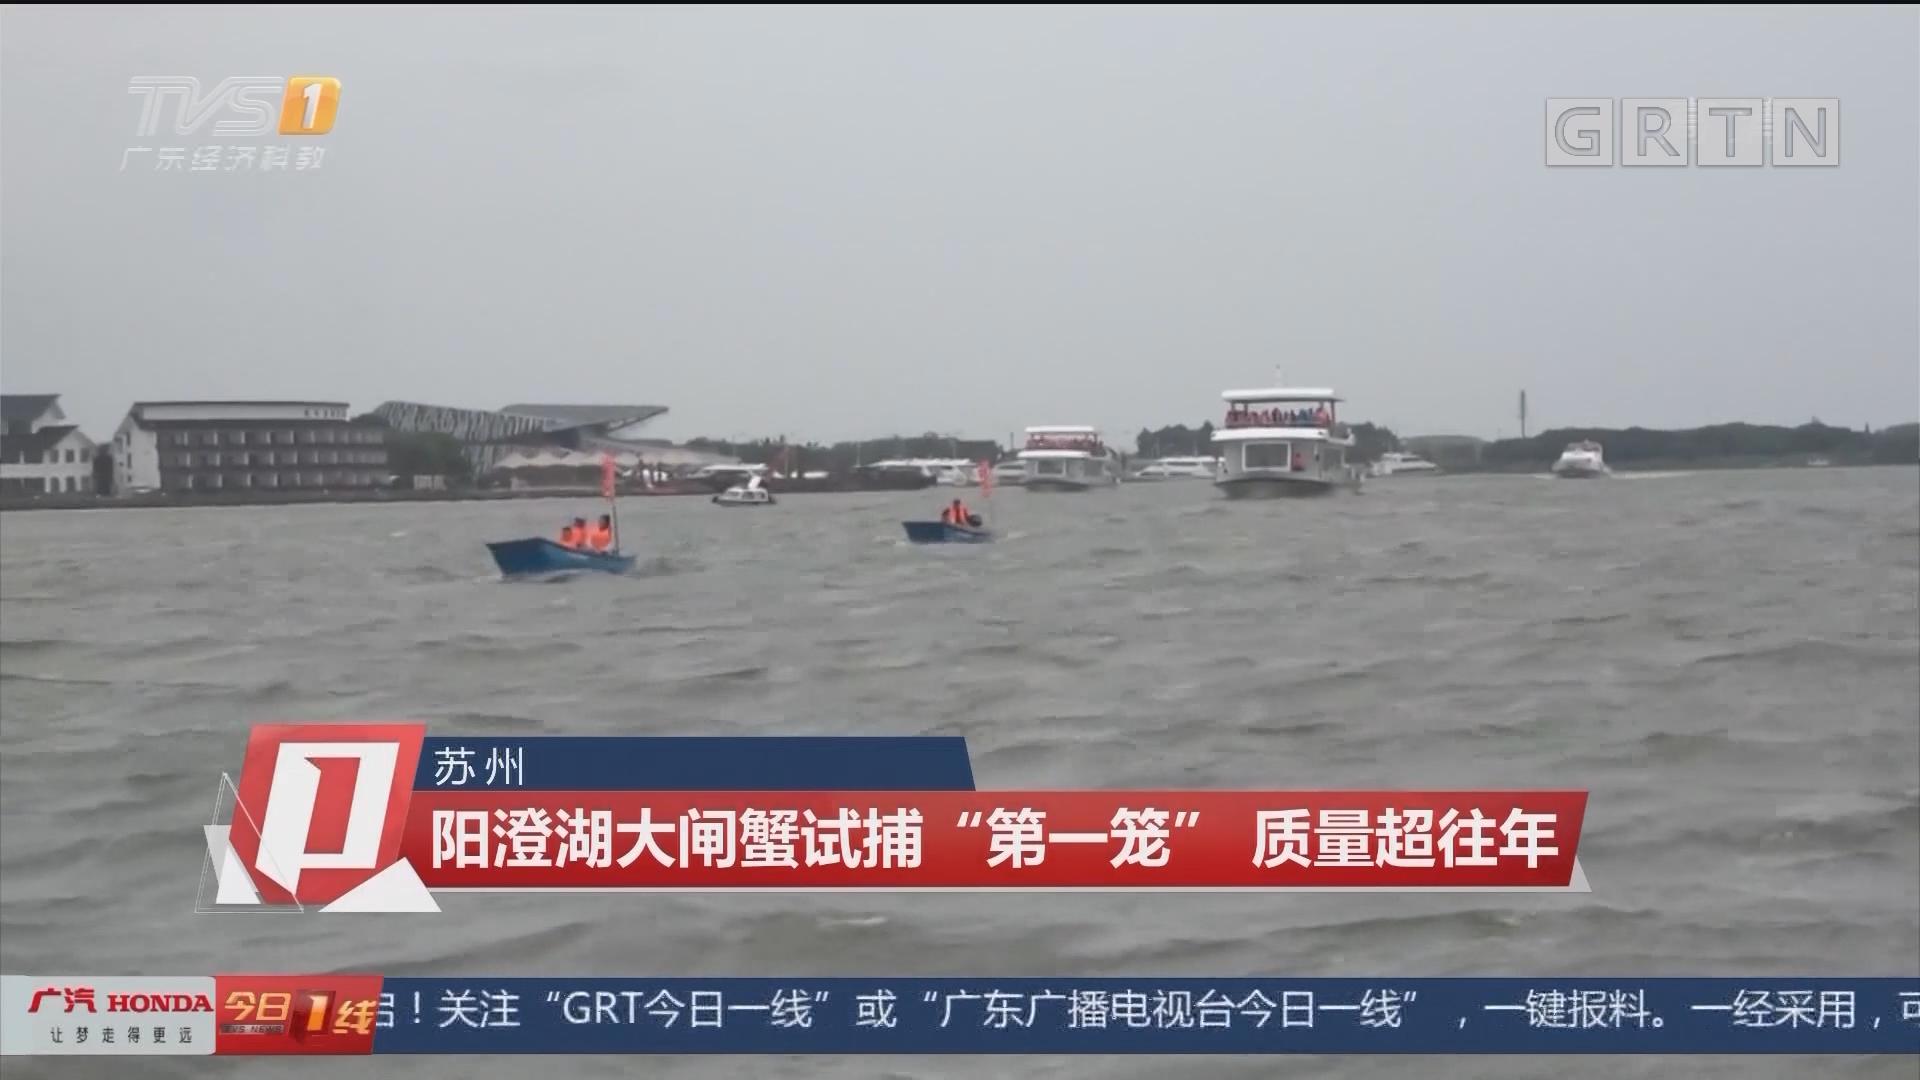 """蘇州:陽澄湖大閘蟹試捕""""第一籠"""" 質量超往年"""